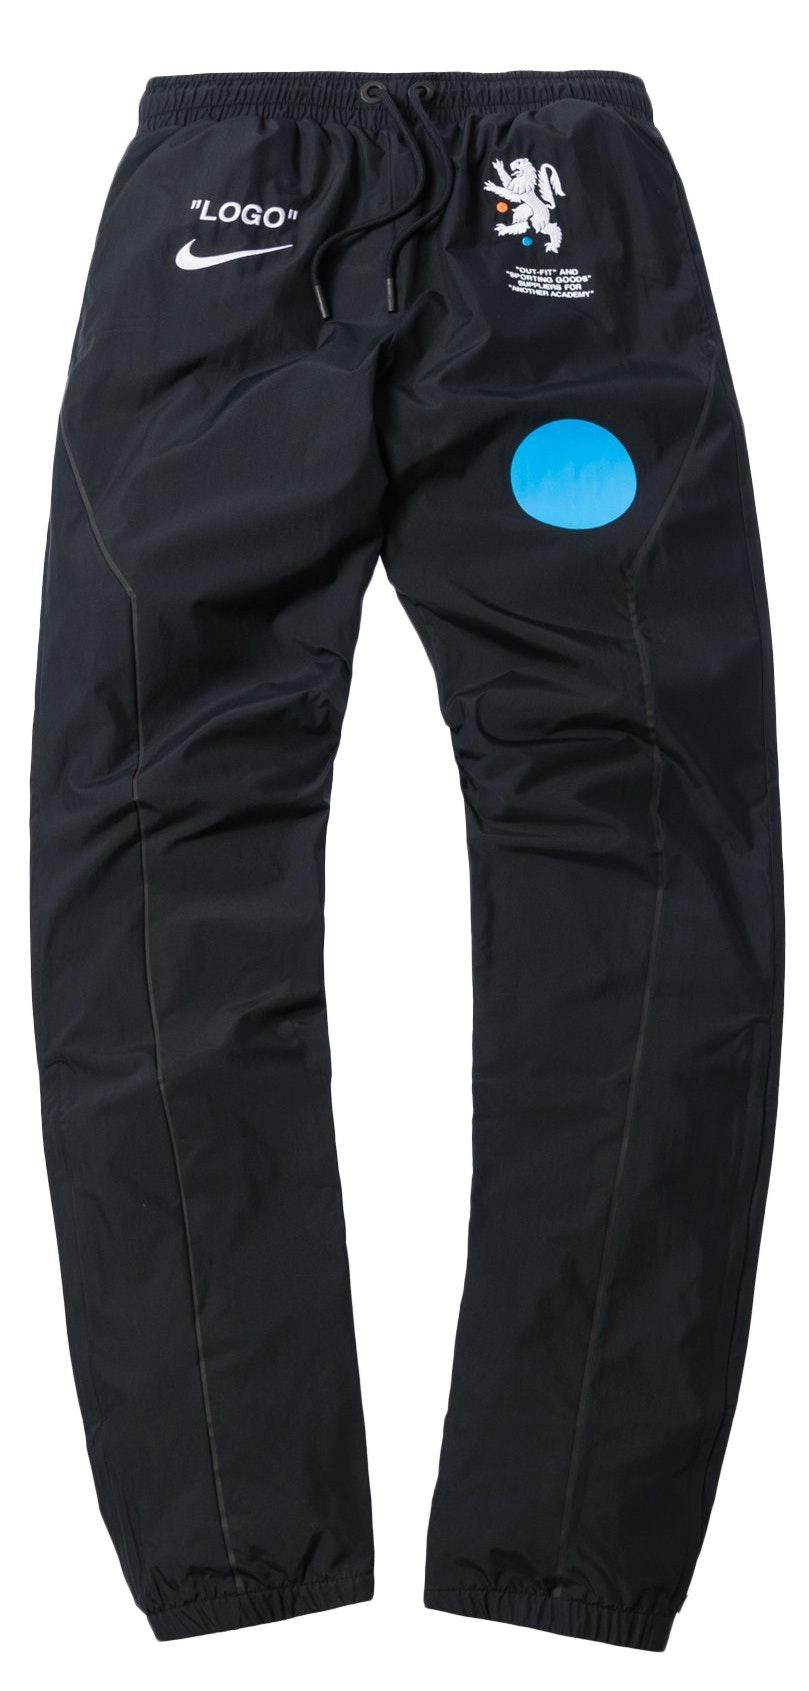 Nikelab x OFF-WHITE Mercurial NRG X FB Pant Black